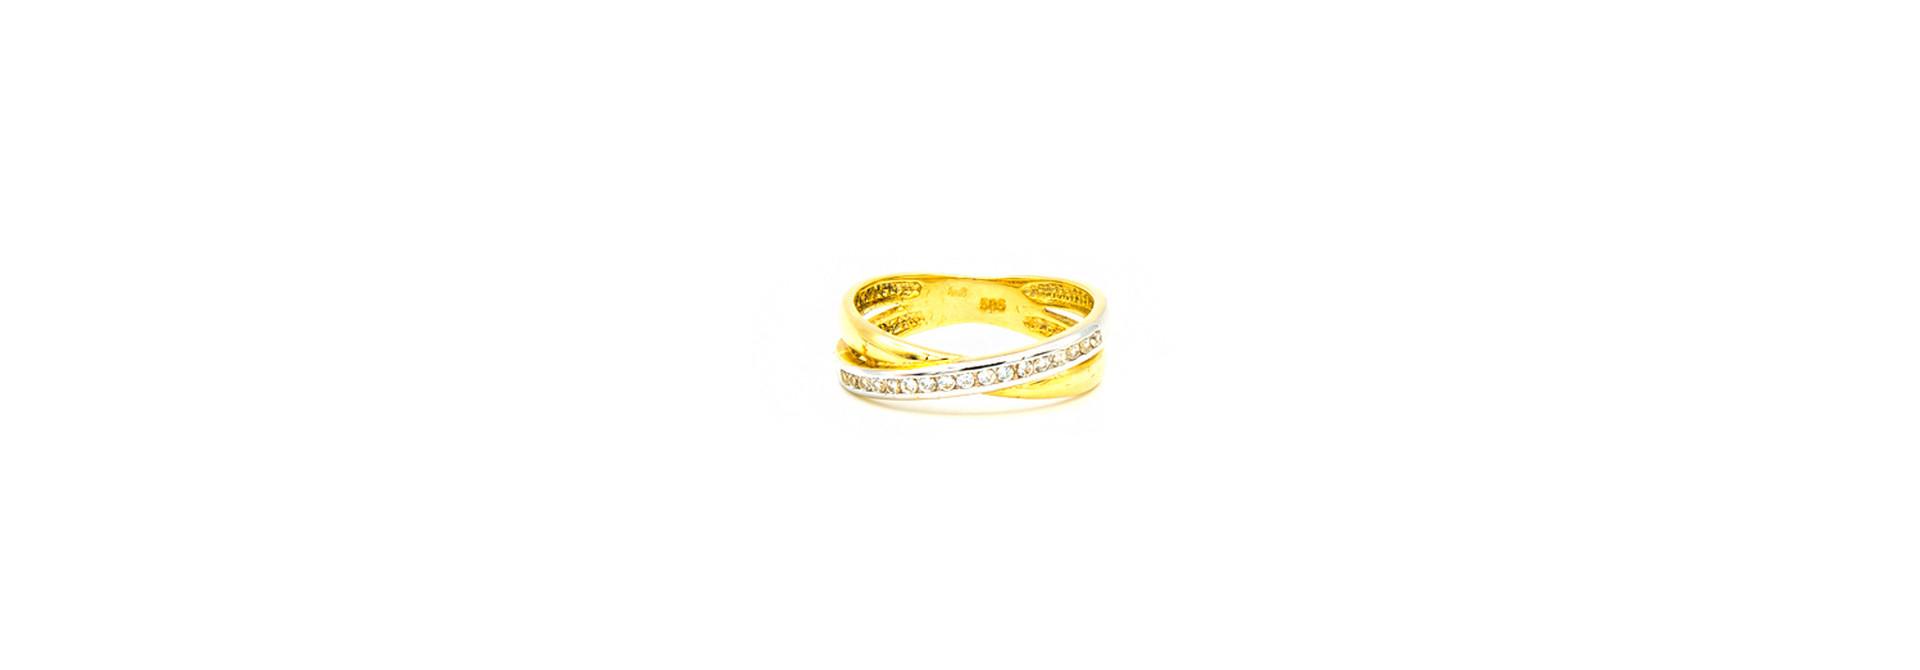 Ring banden tricolor bezet met zirkonia's